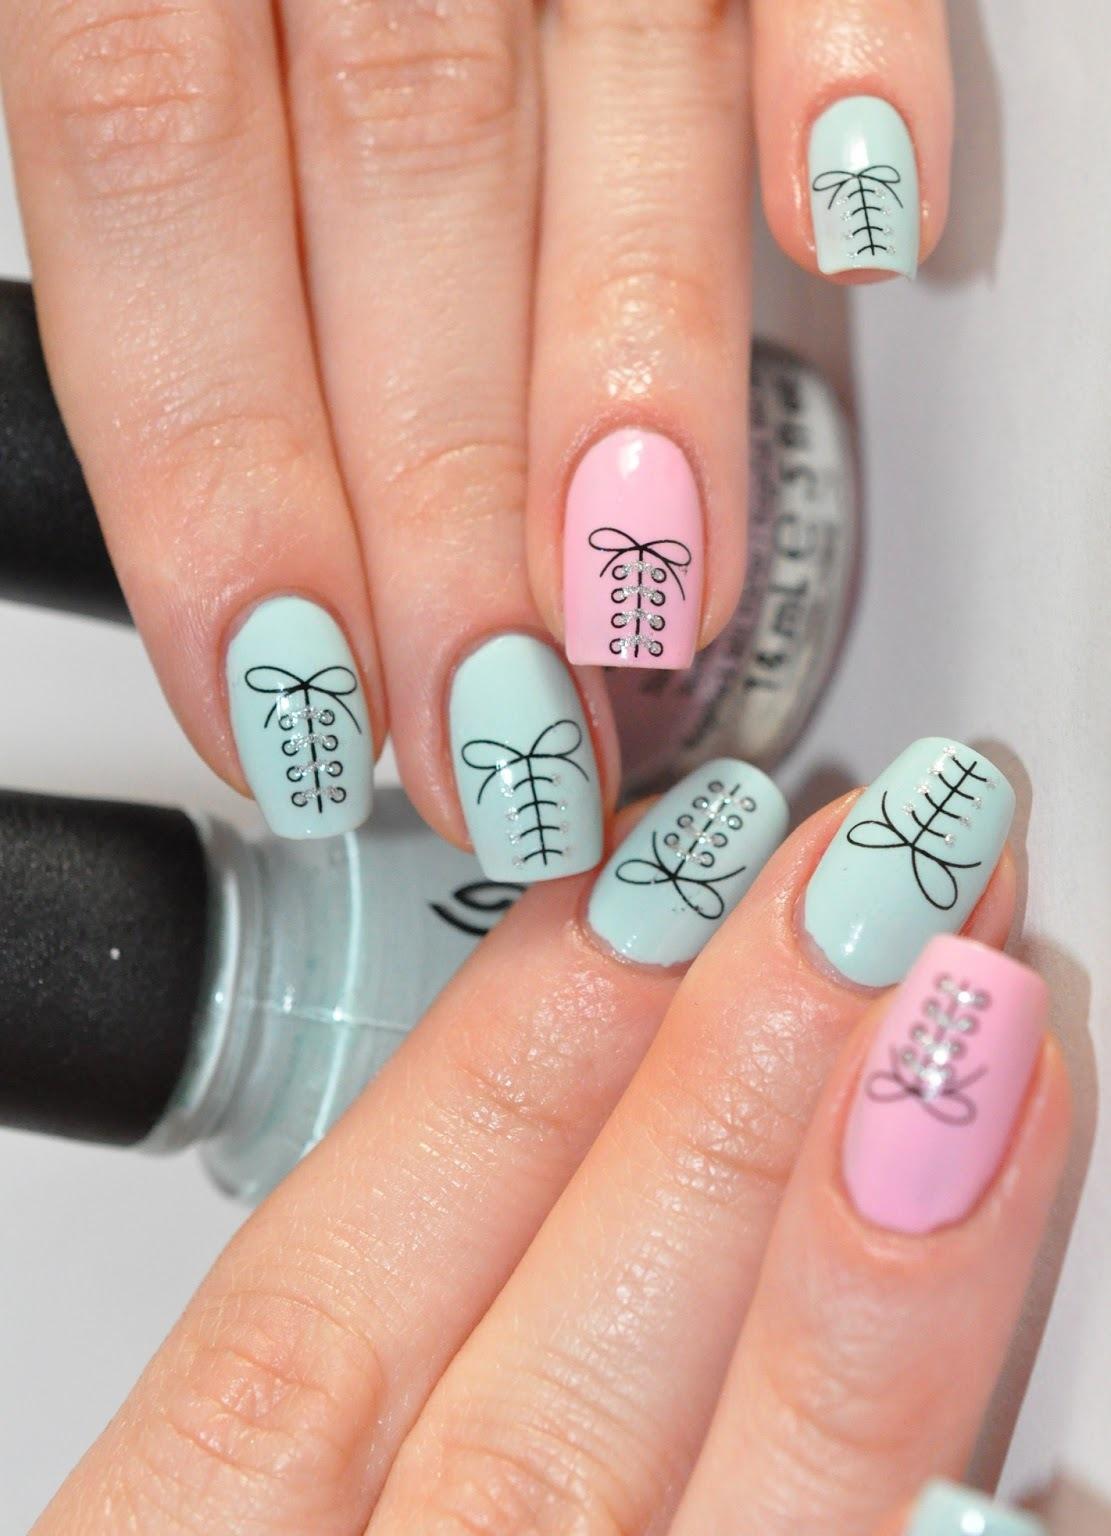 Дизайн ногтей шеллаком (фото) - фото и описание примера 41